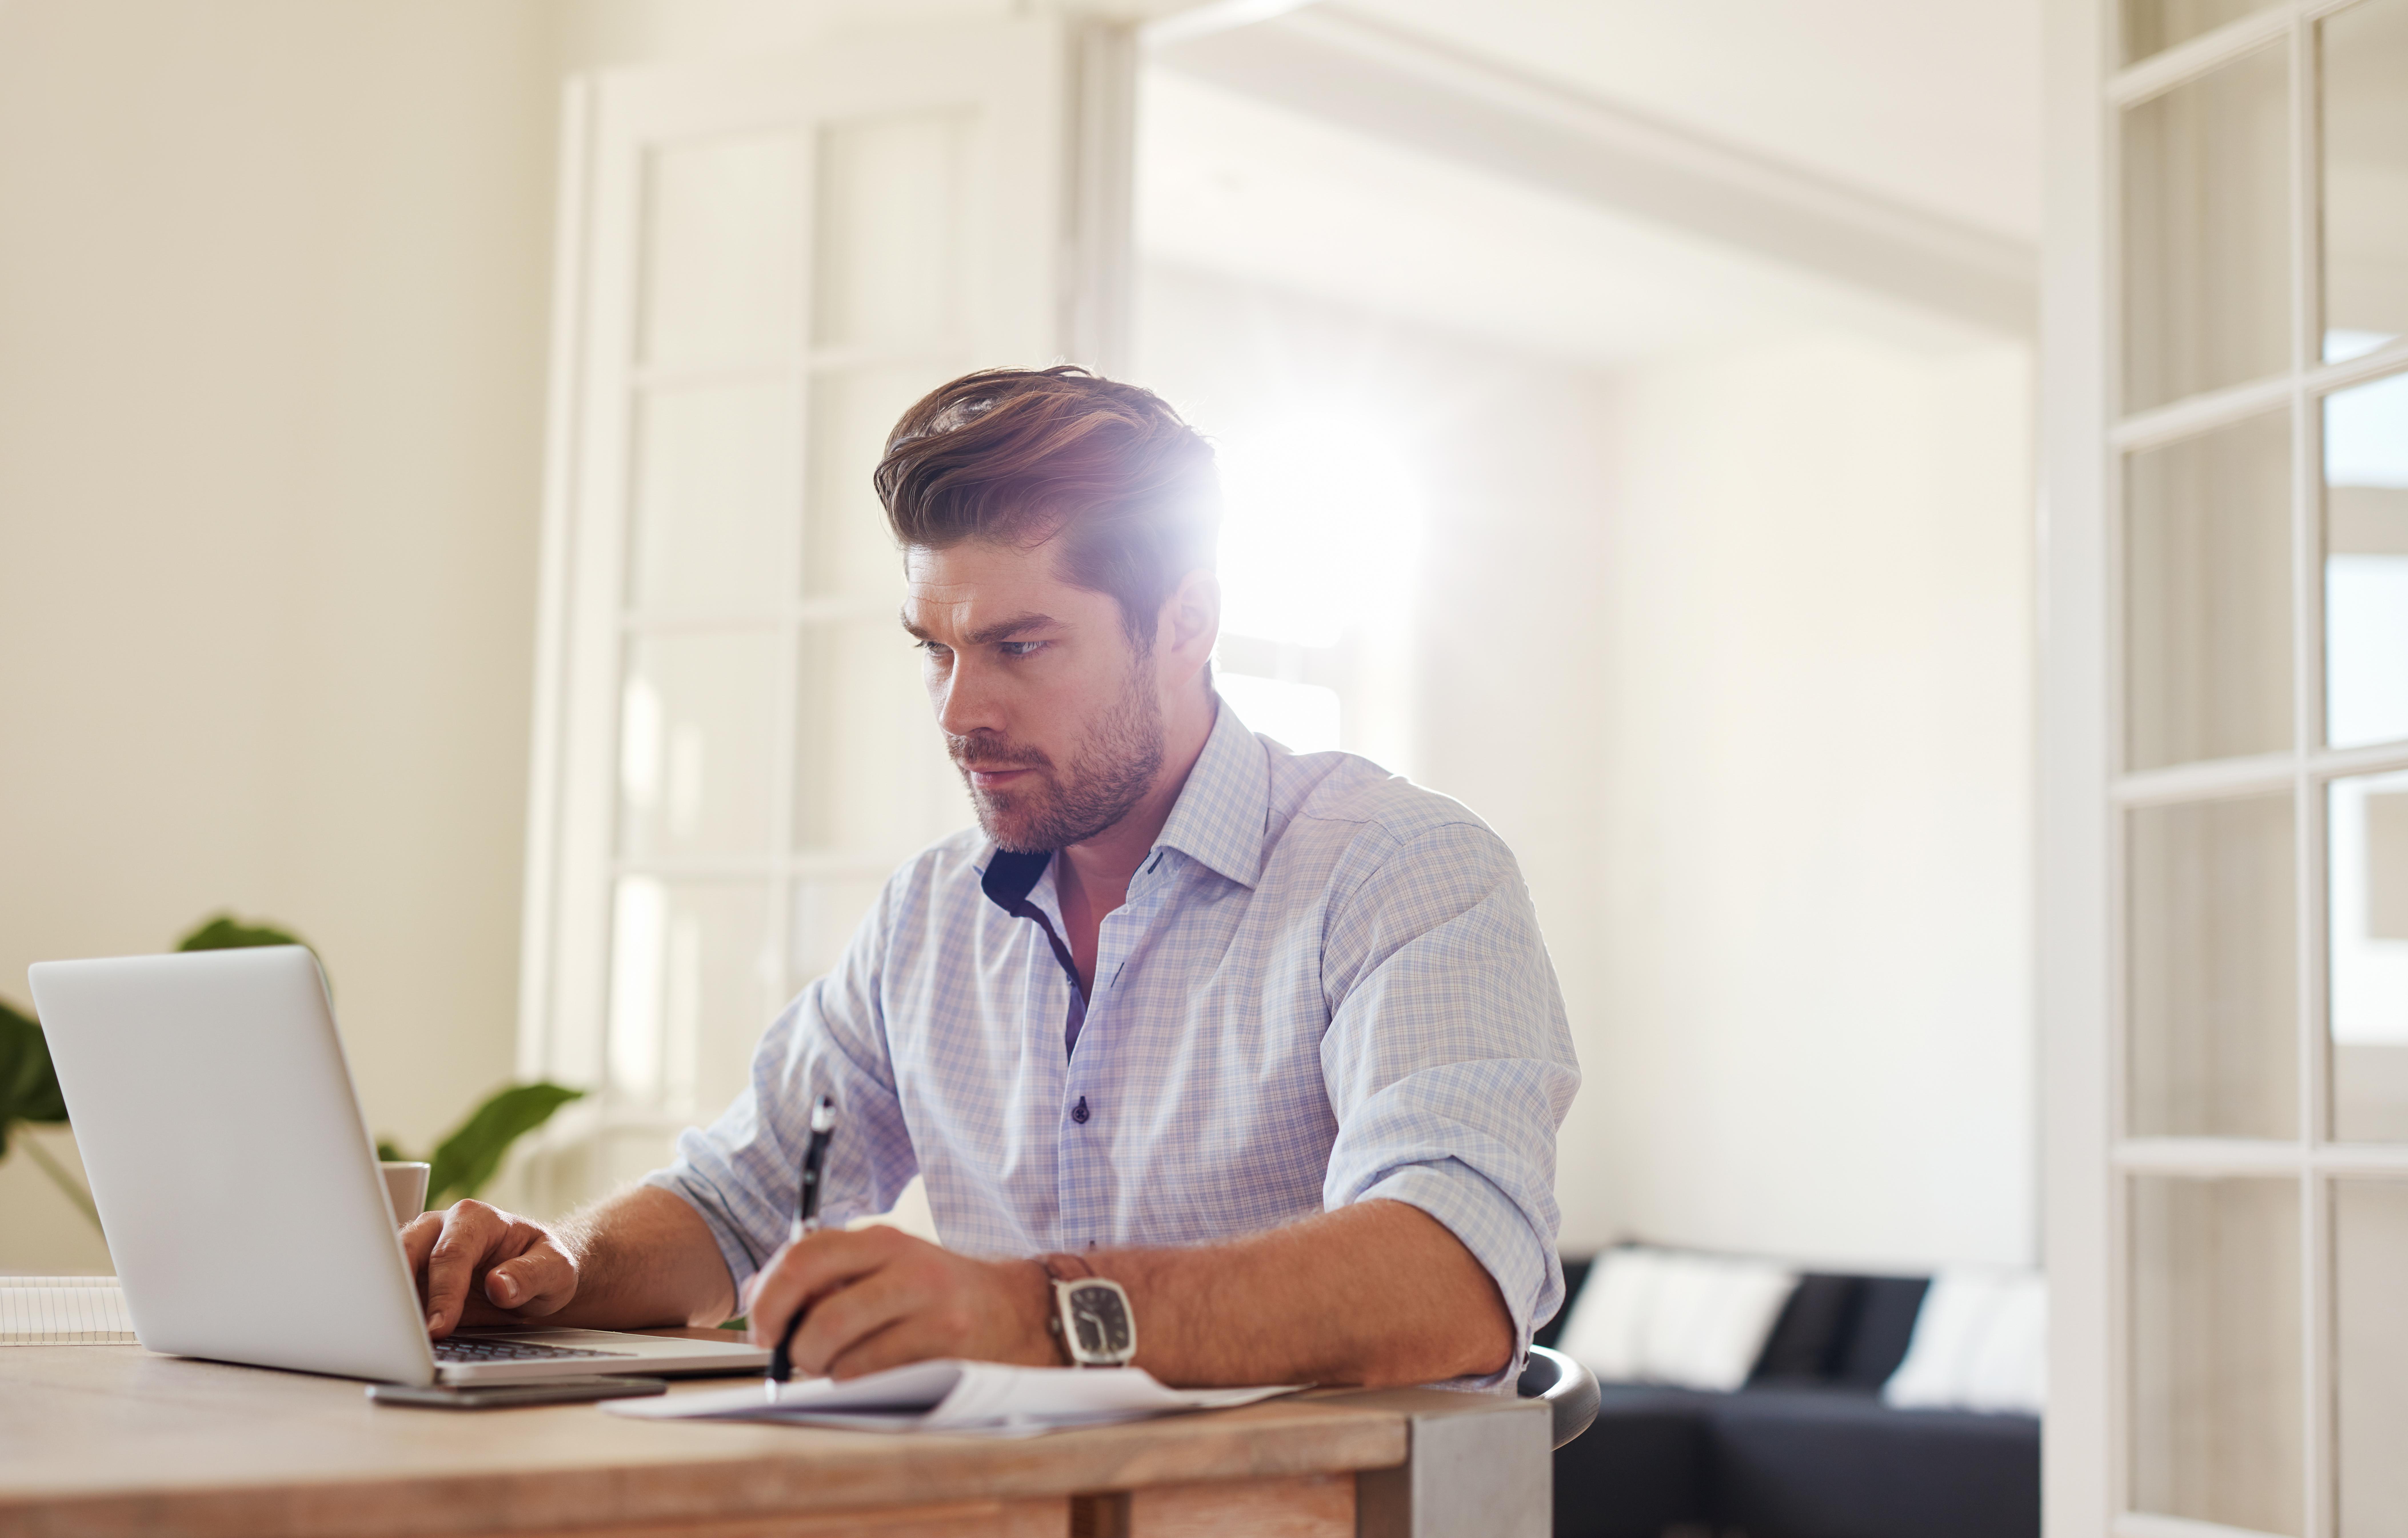 El Ritmo en los textos: cómo hacer presupuestos dinámicos para no aburrir a tus clientes